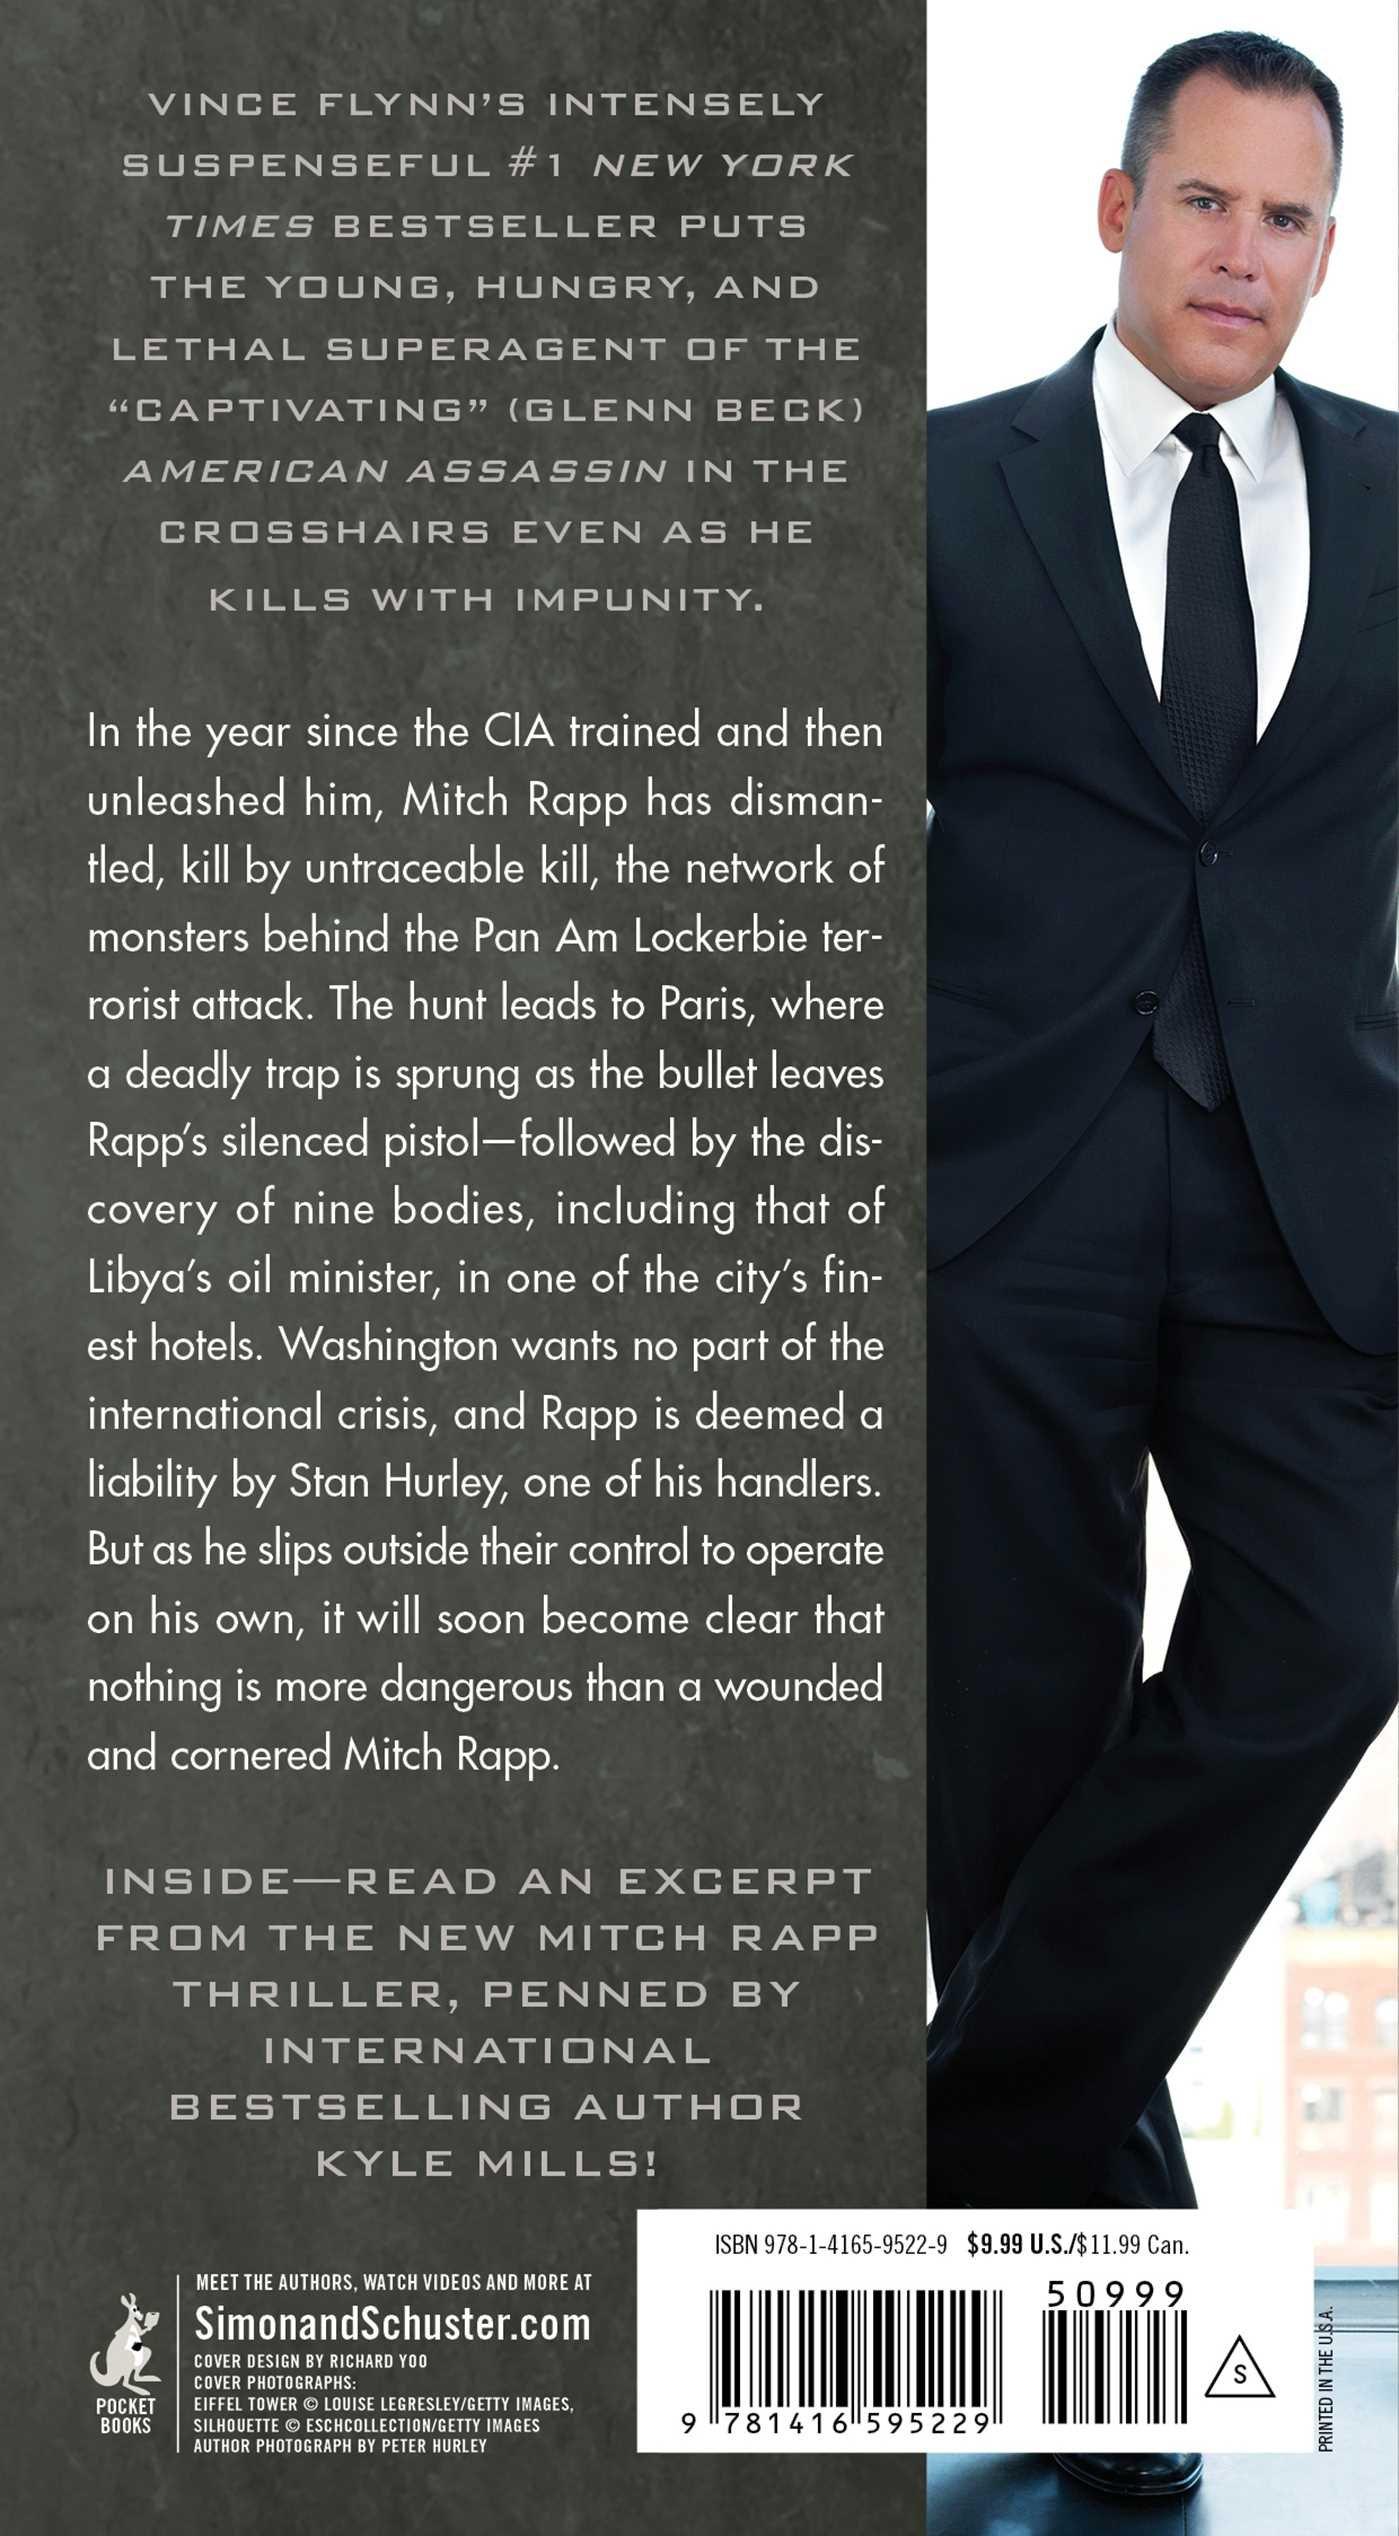 Kill Shot: An American Assassin Thriller (a Mitch Rapp Novel): Vince Flynn:  9781416595229: Amazon: Books